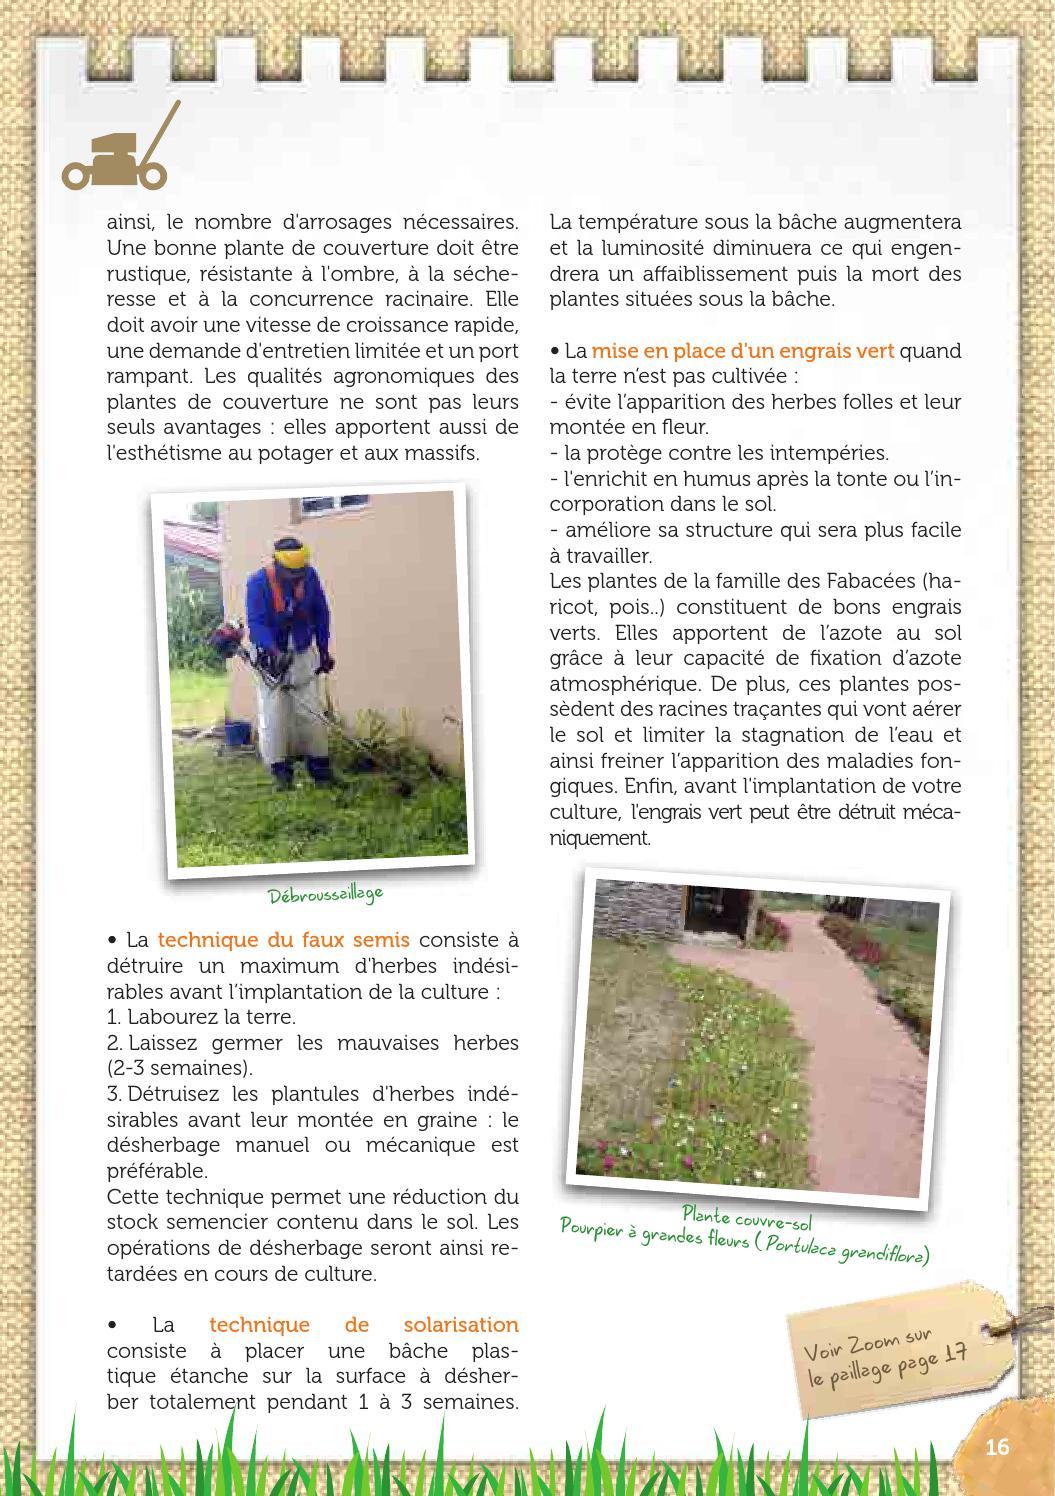 Couvre Sol Croissance Rapide trucs et astuces du jardin (fredon972, ode, 2012)